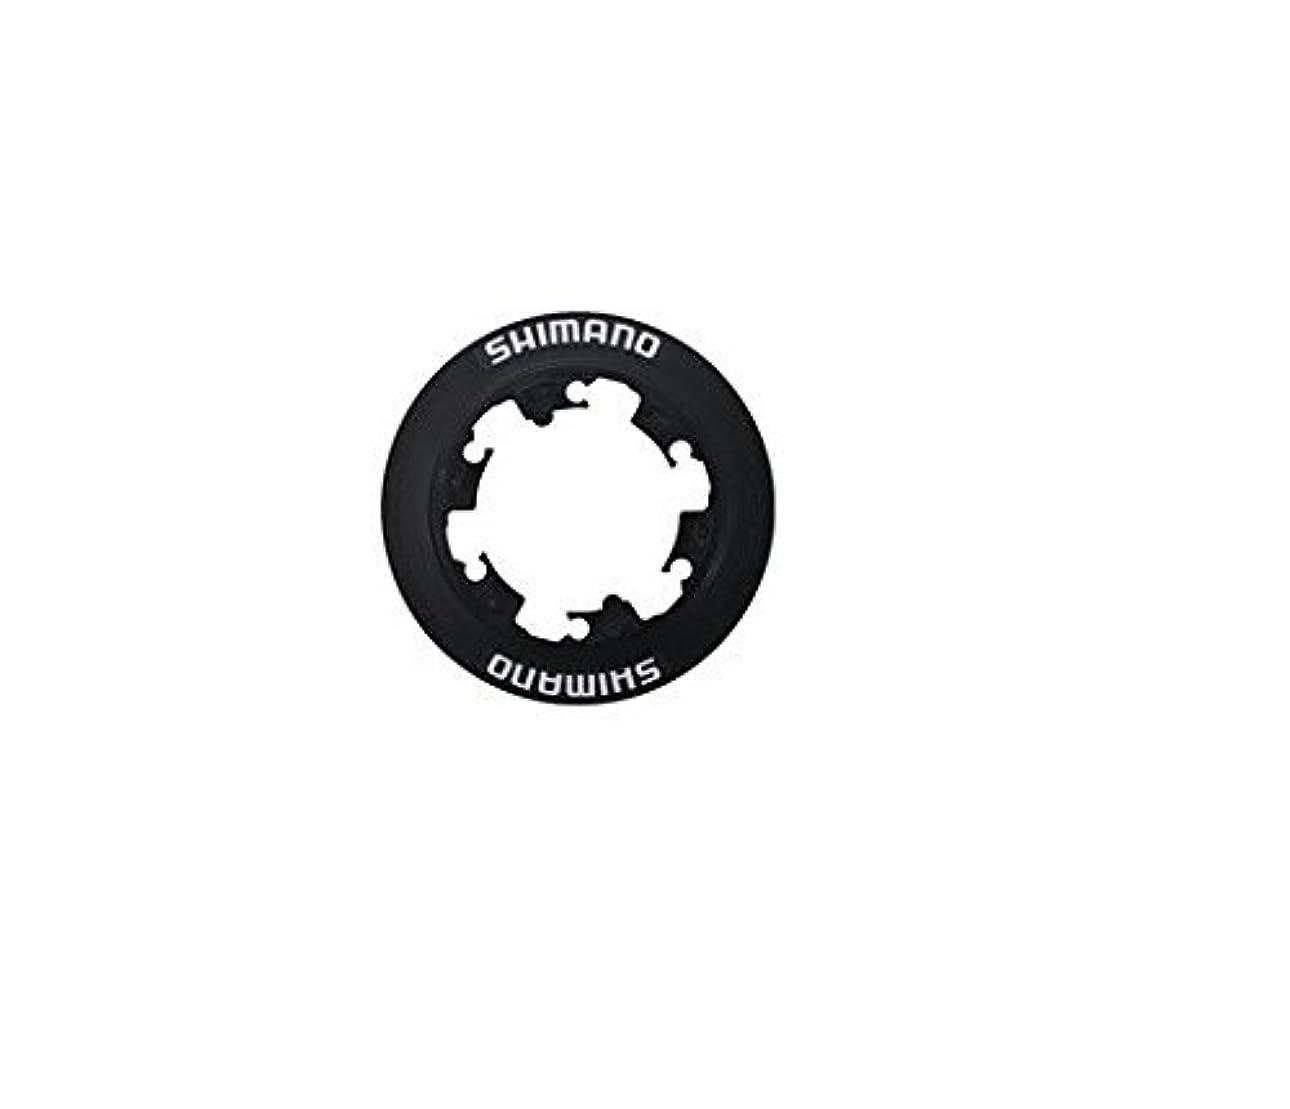 シビック受益者吐き出すSHIMANO(シマノ) スポークプロテクター(MF-TZ20-CP) MF-TZ20-CP Y1UU41000